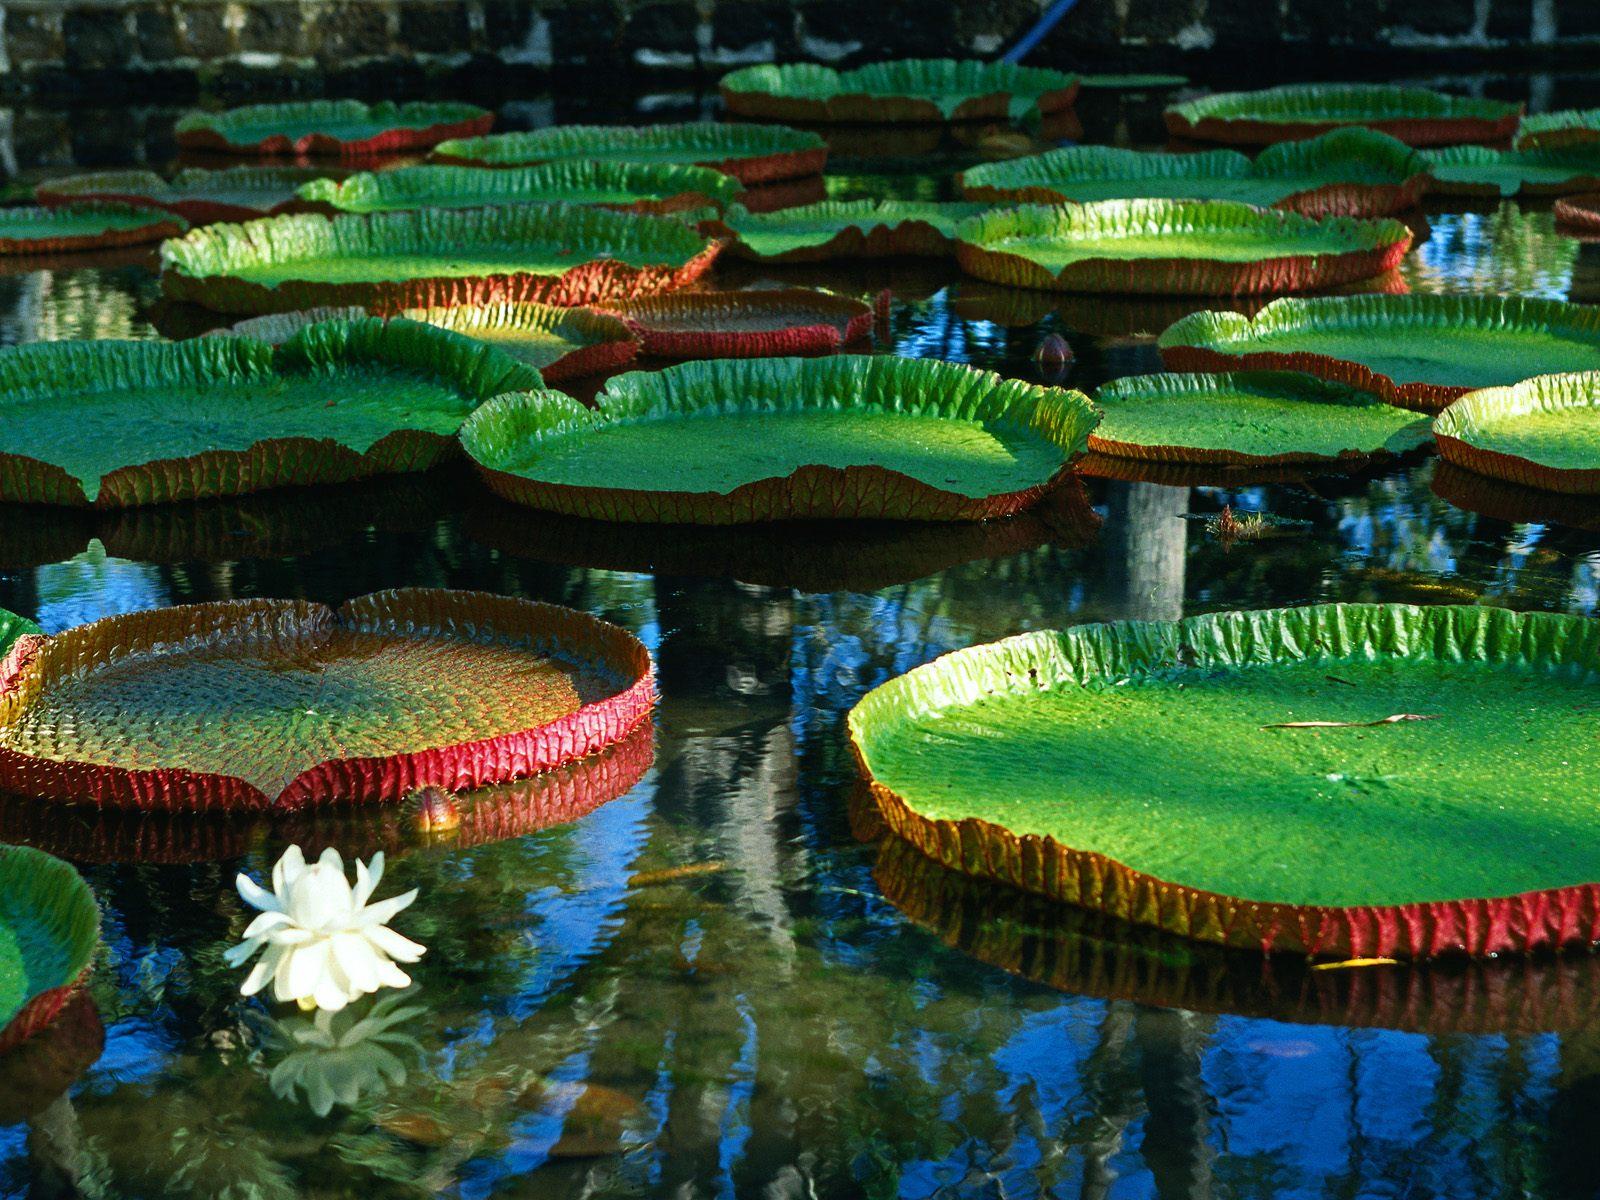 http://1.bp.blogspot.com/_D6V8KS70KD8/TJsgYW4iihI/AAAAAAAACqU/QNtjJmTieWw/s1600/Water_Plant_and_Lily_Flower.jpg